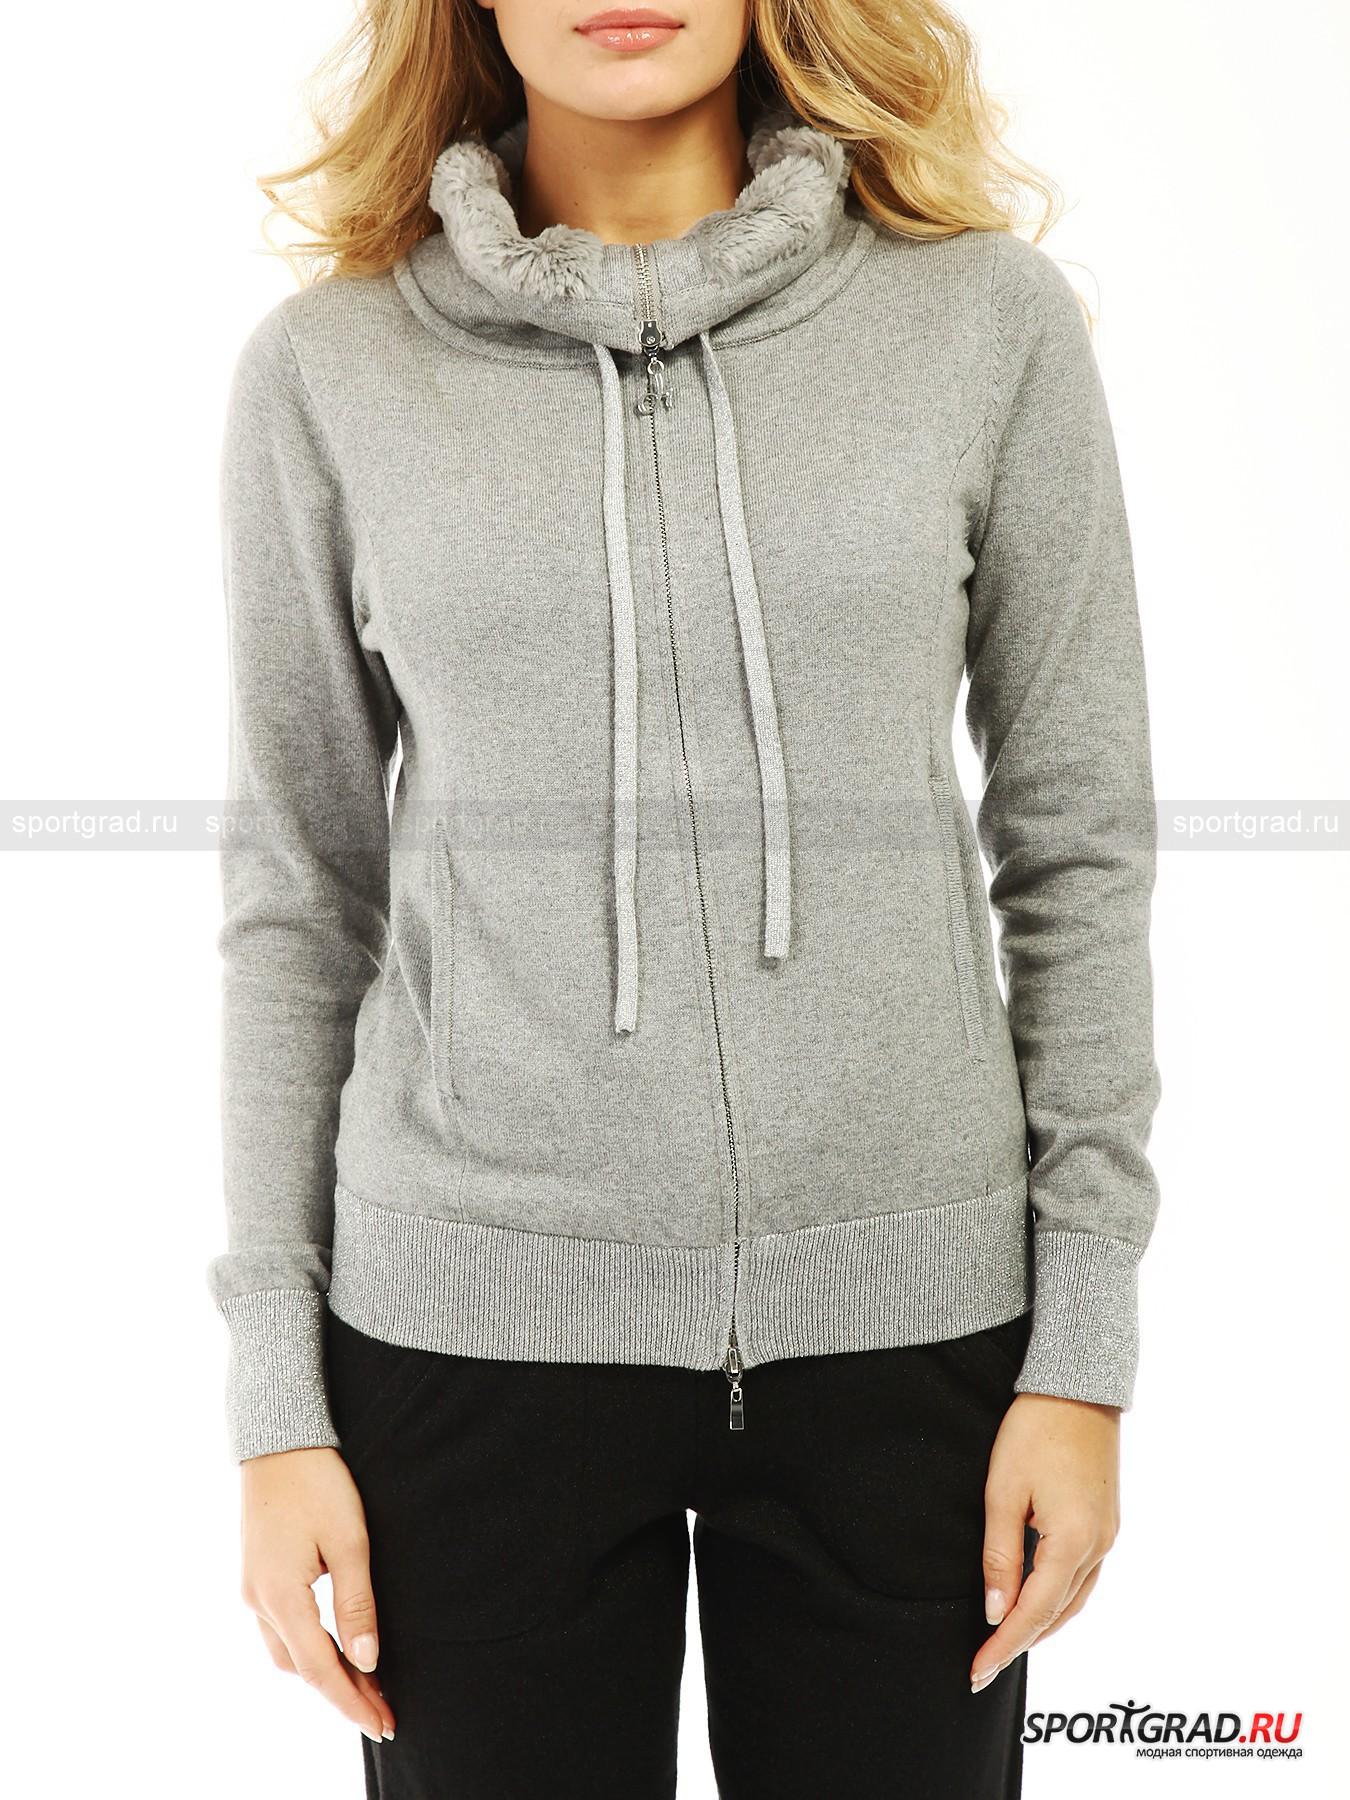 Кардиган на молнии Cachemire Full Zip Sweater DEHA